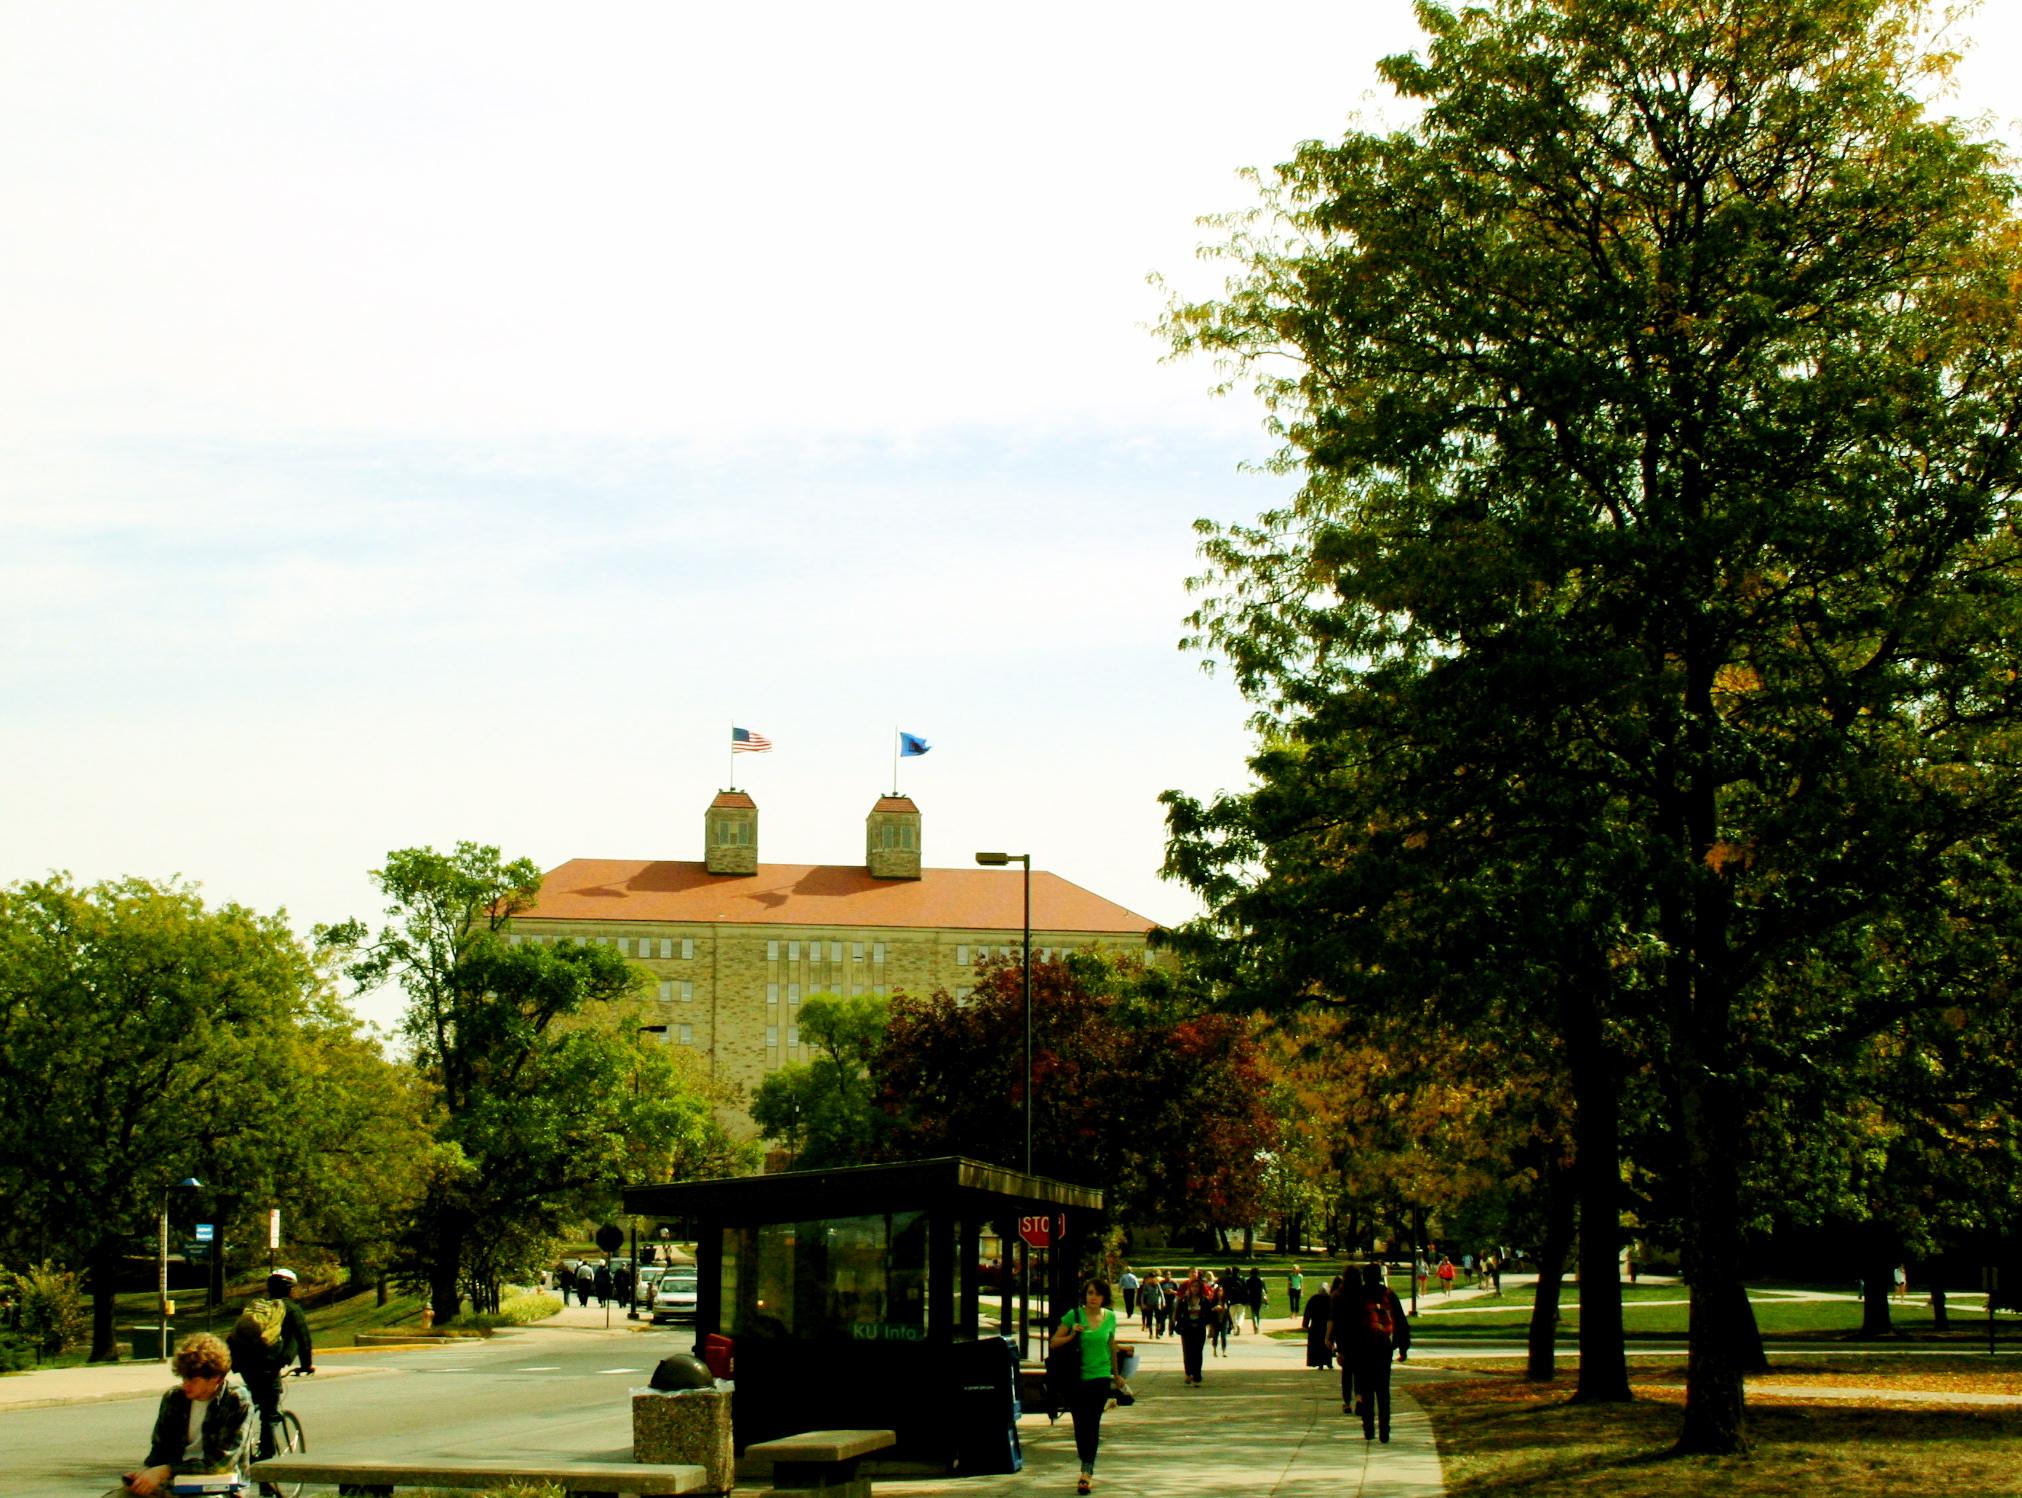 campus come fall.